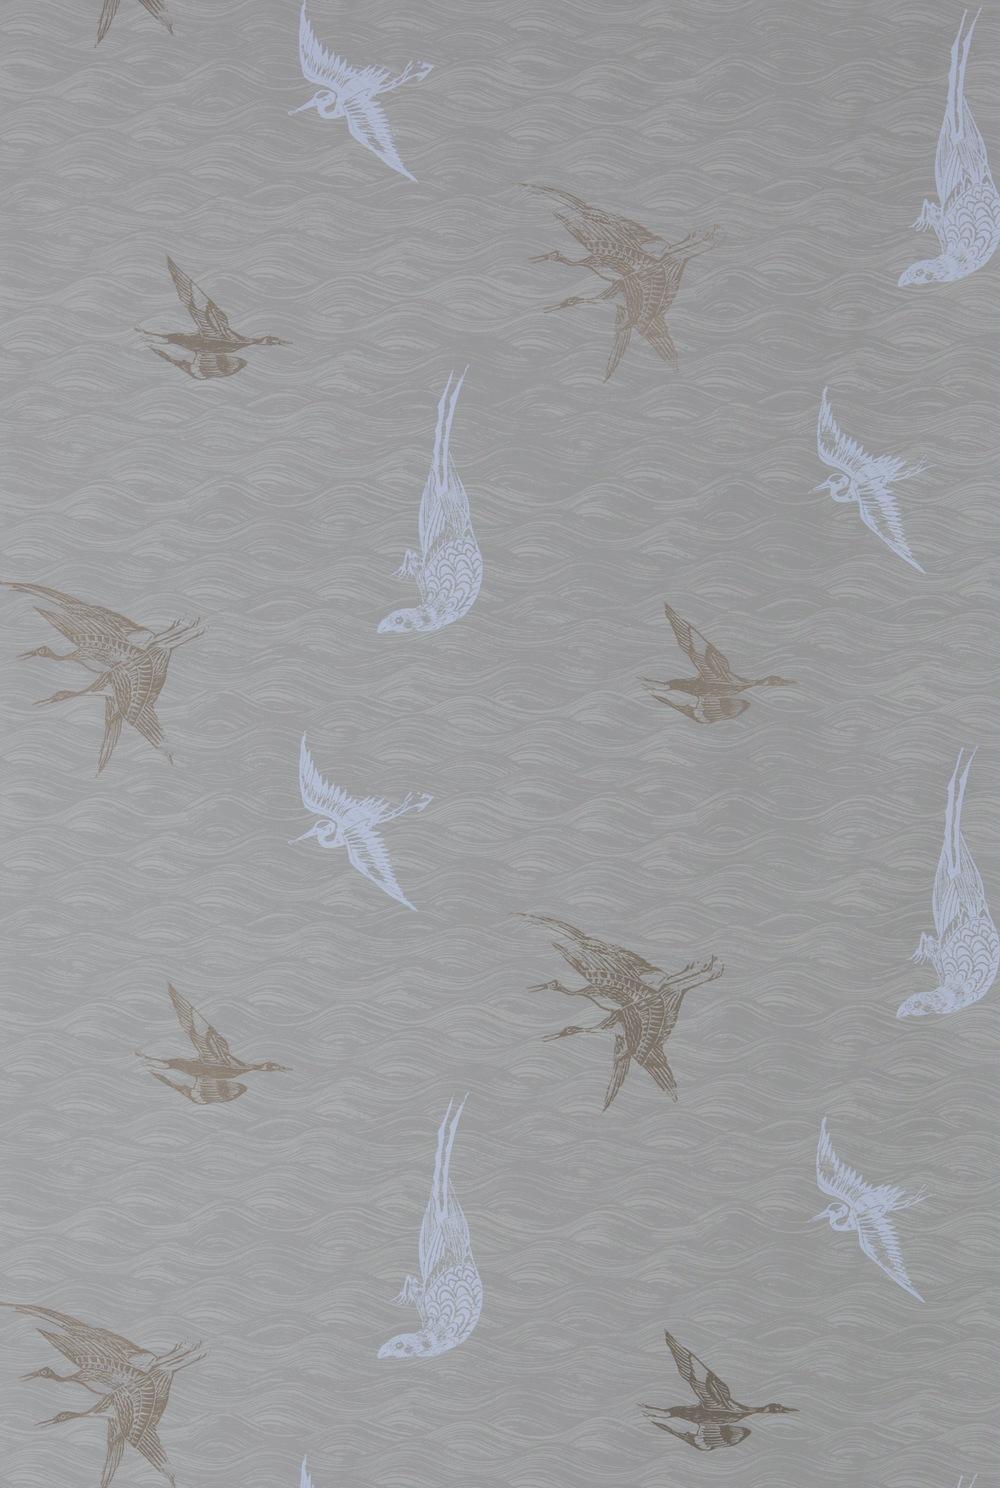 KRANE HOME                            Birds I Dune